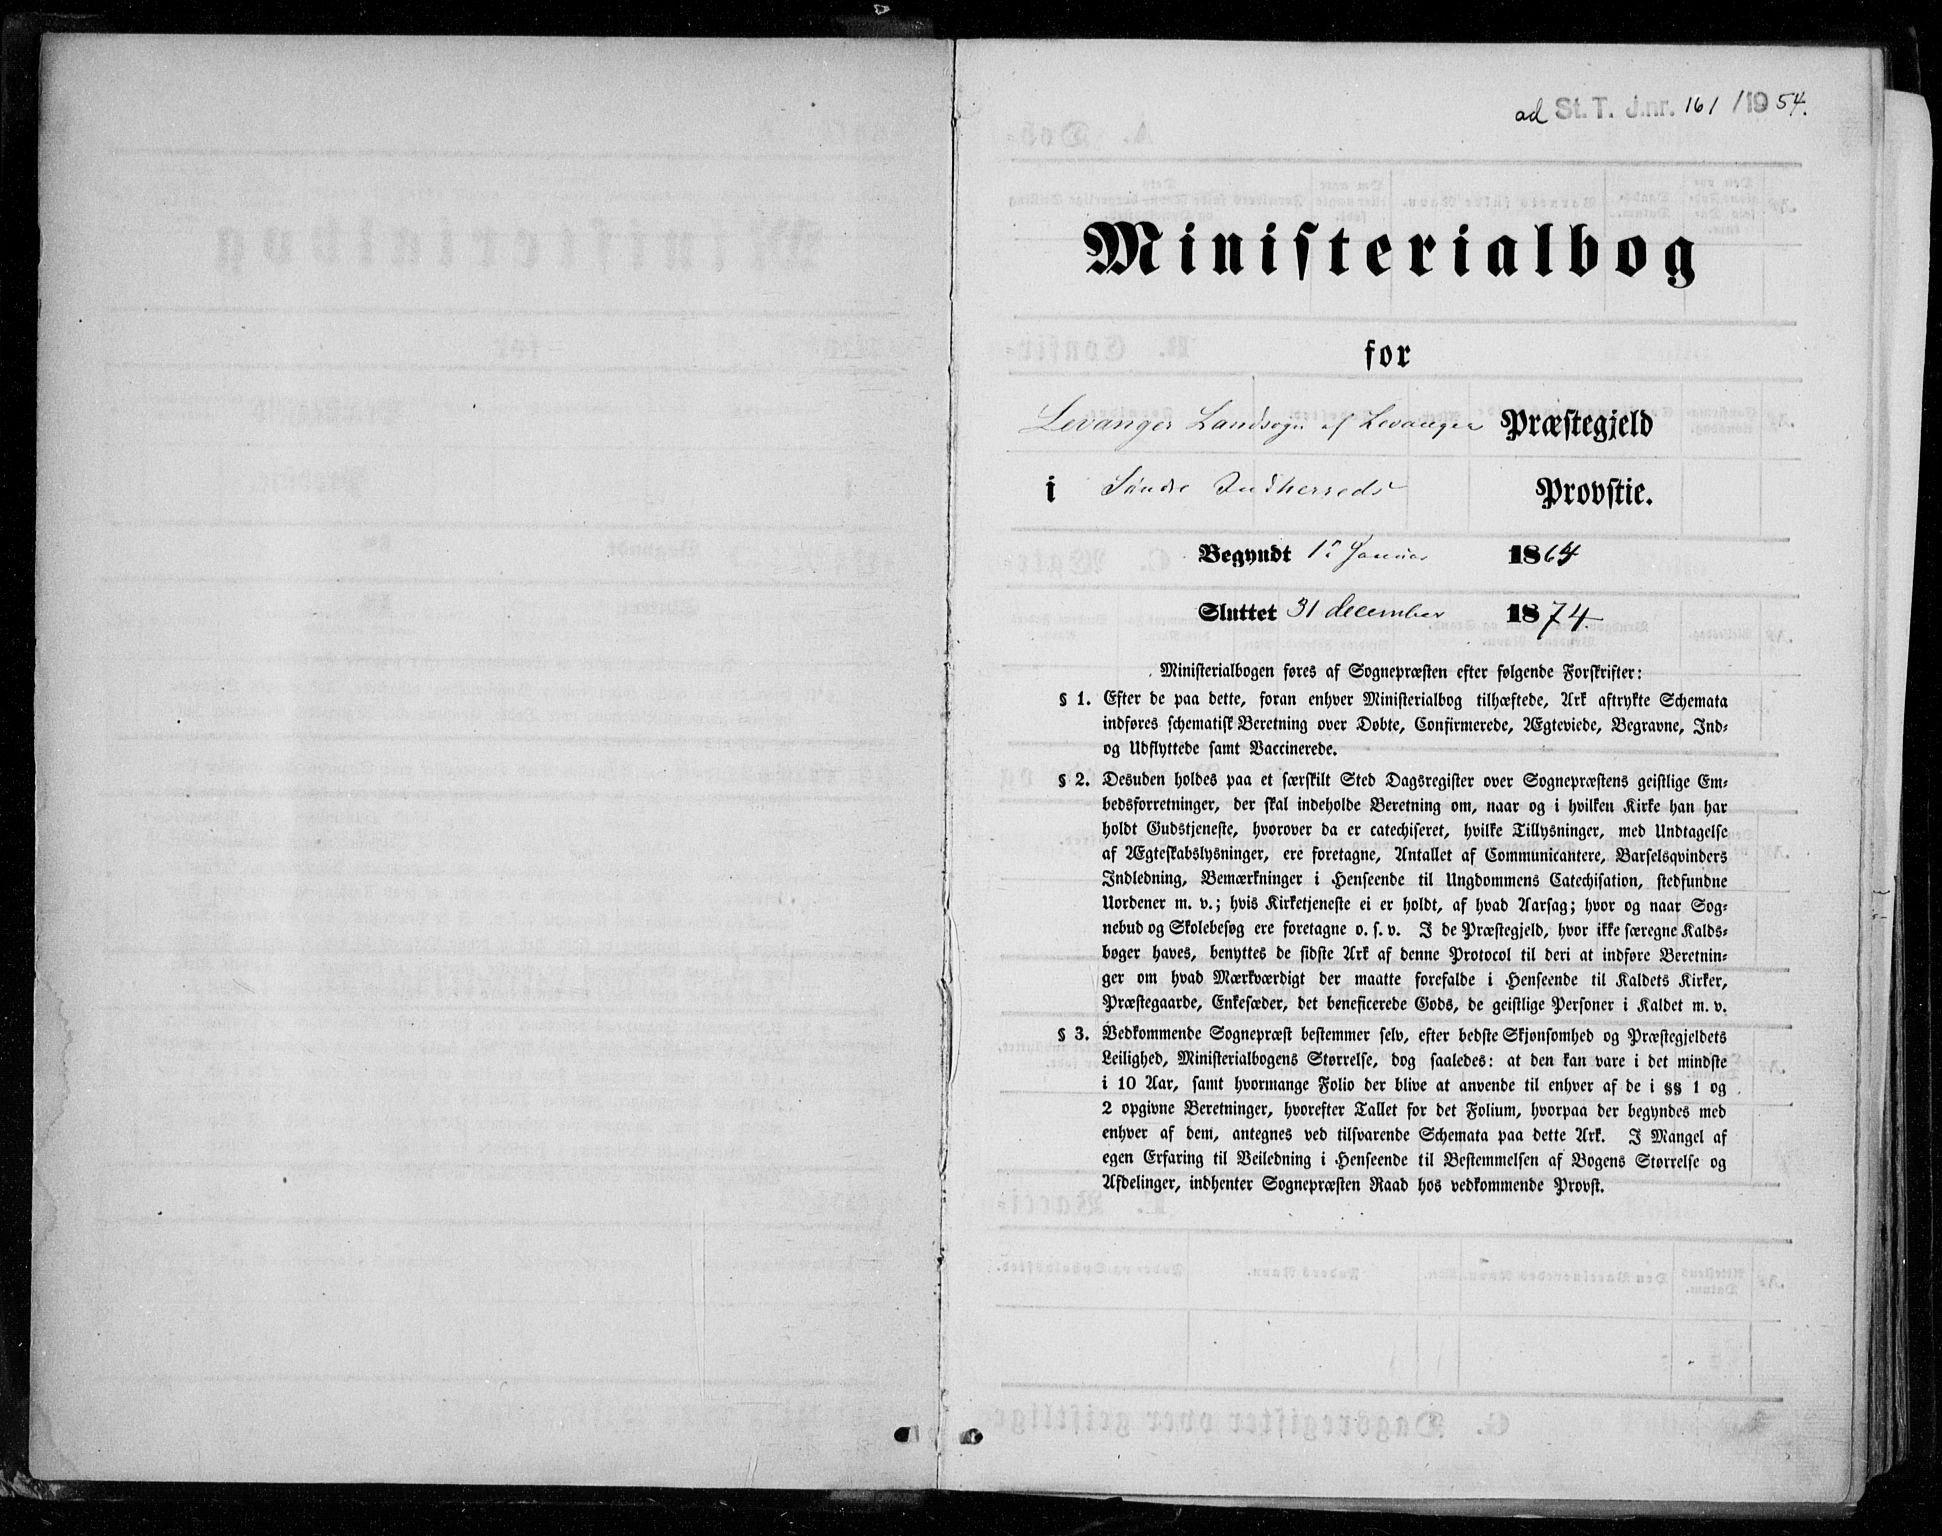 SAT, Ministerialprotokoller, klokkerbøker og fødselsregistre - Nord-Trøndelag, 721/L0206: Ministerialbok nr. 721A01, 1864-1874